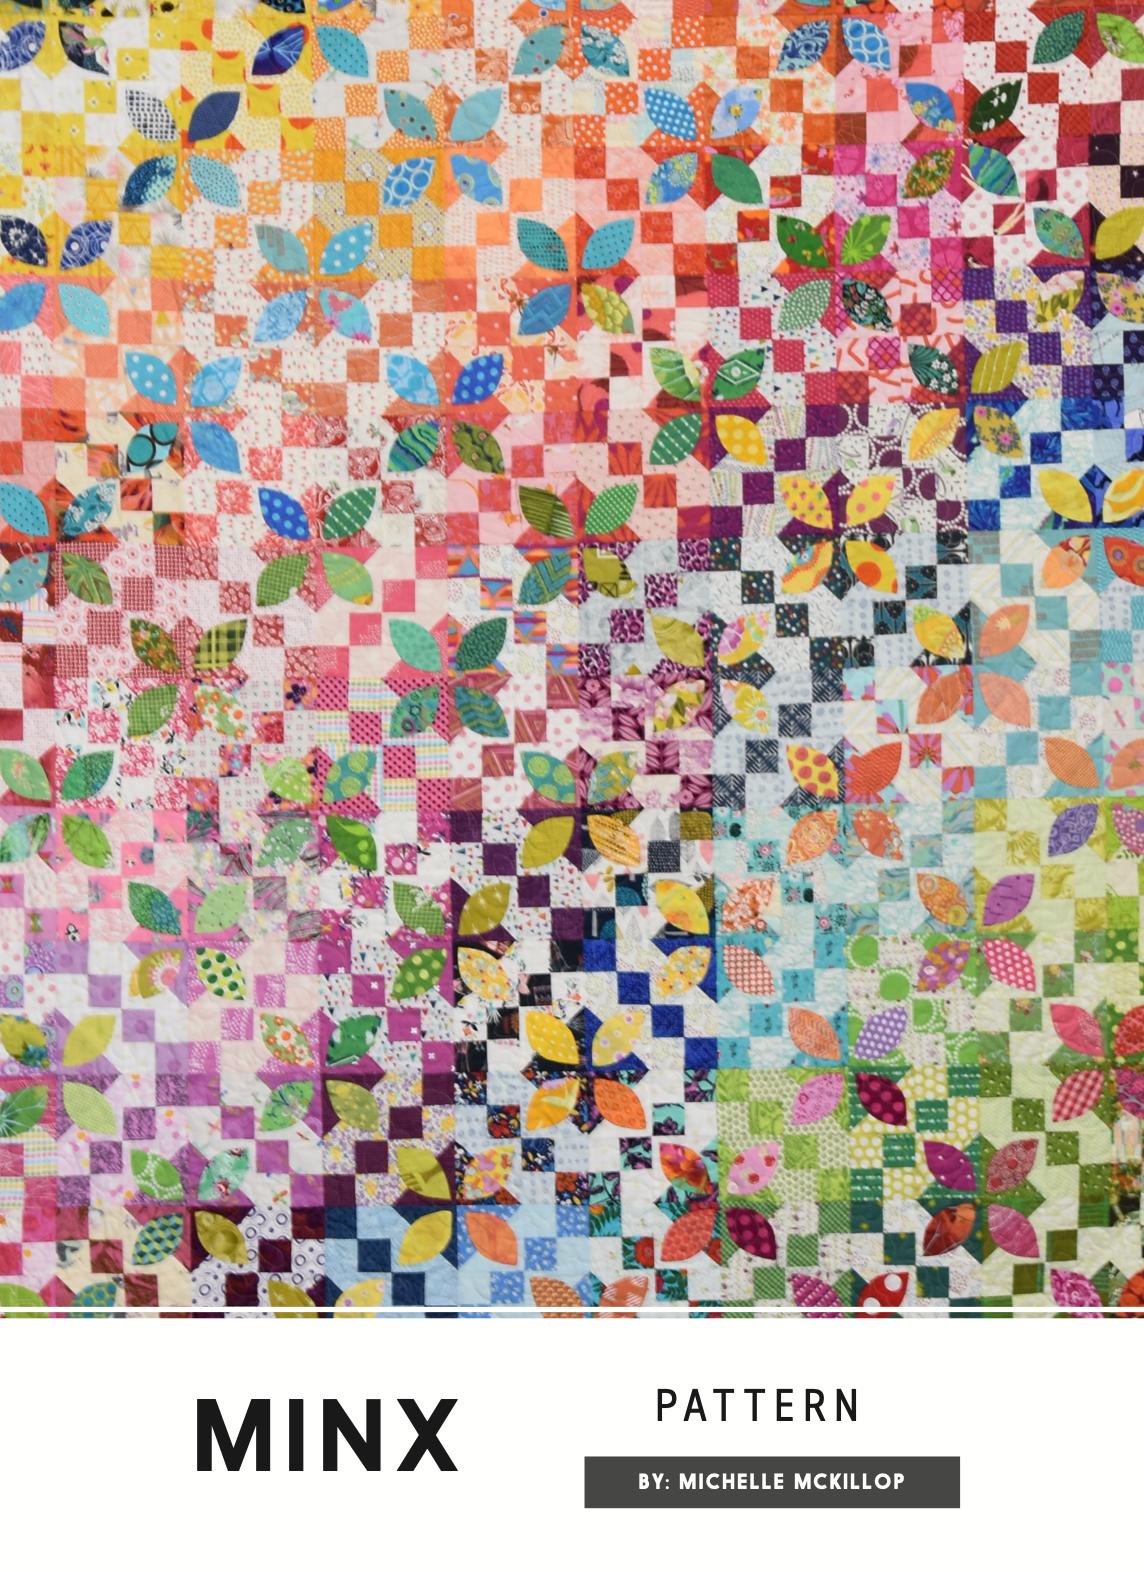 Minx Pattern by Michelle McKillop